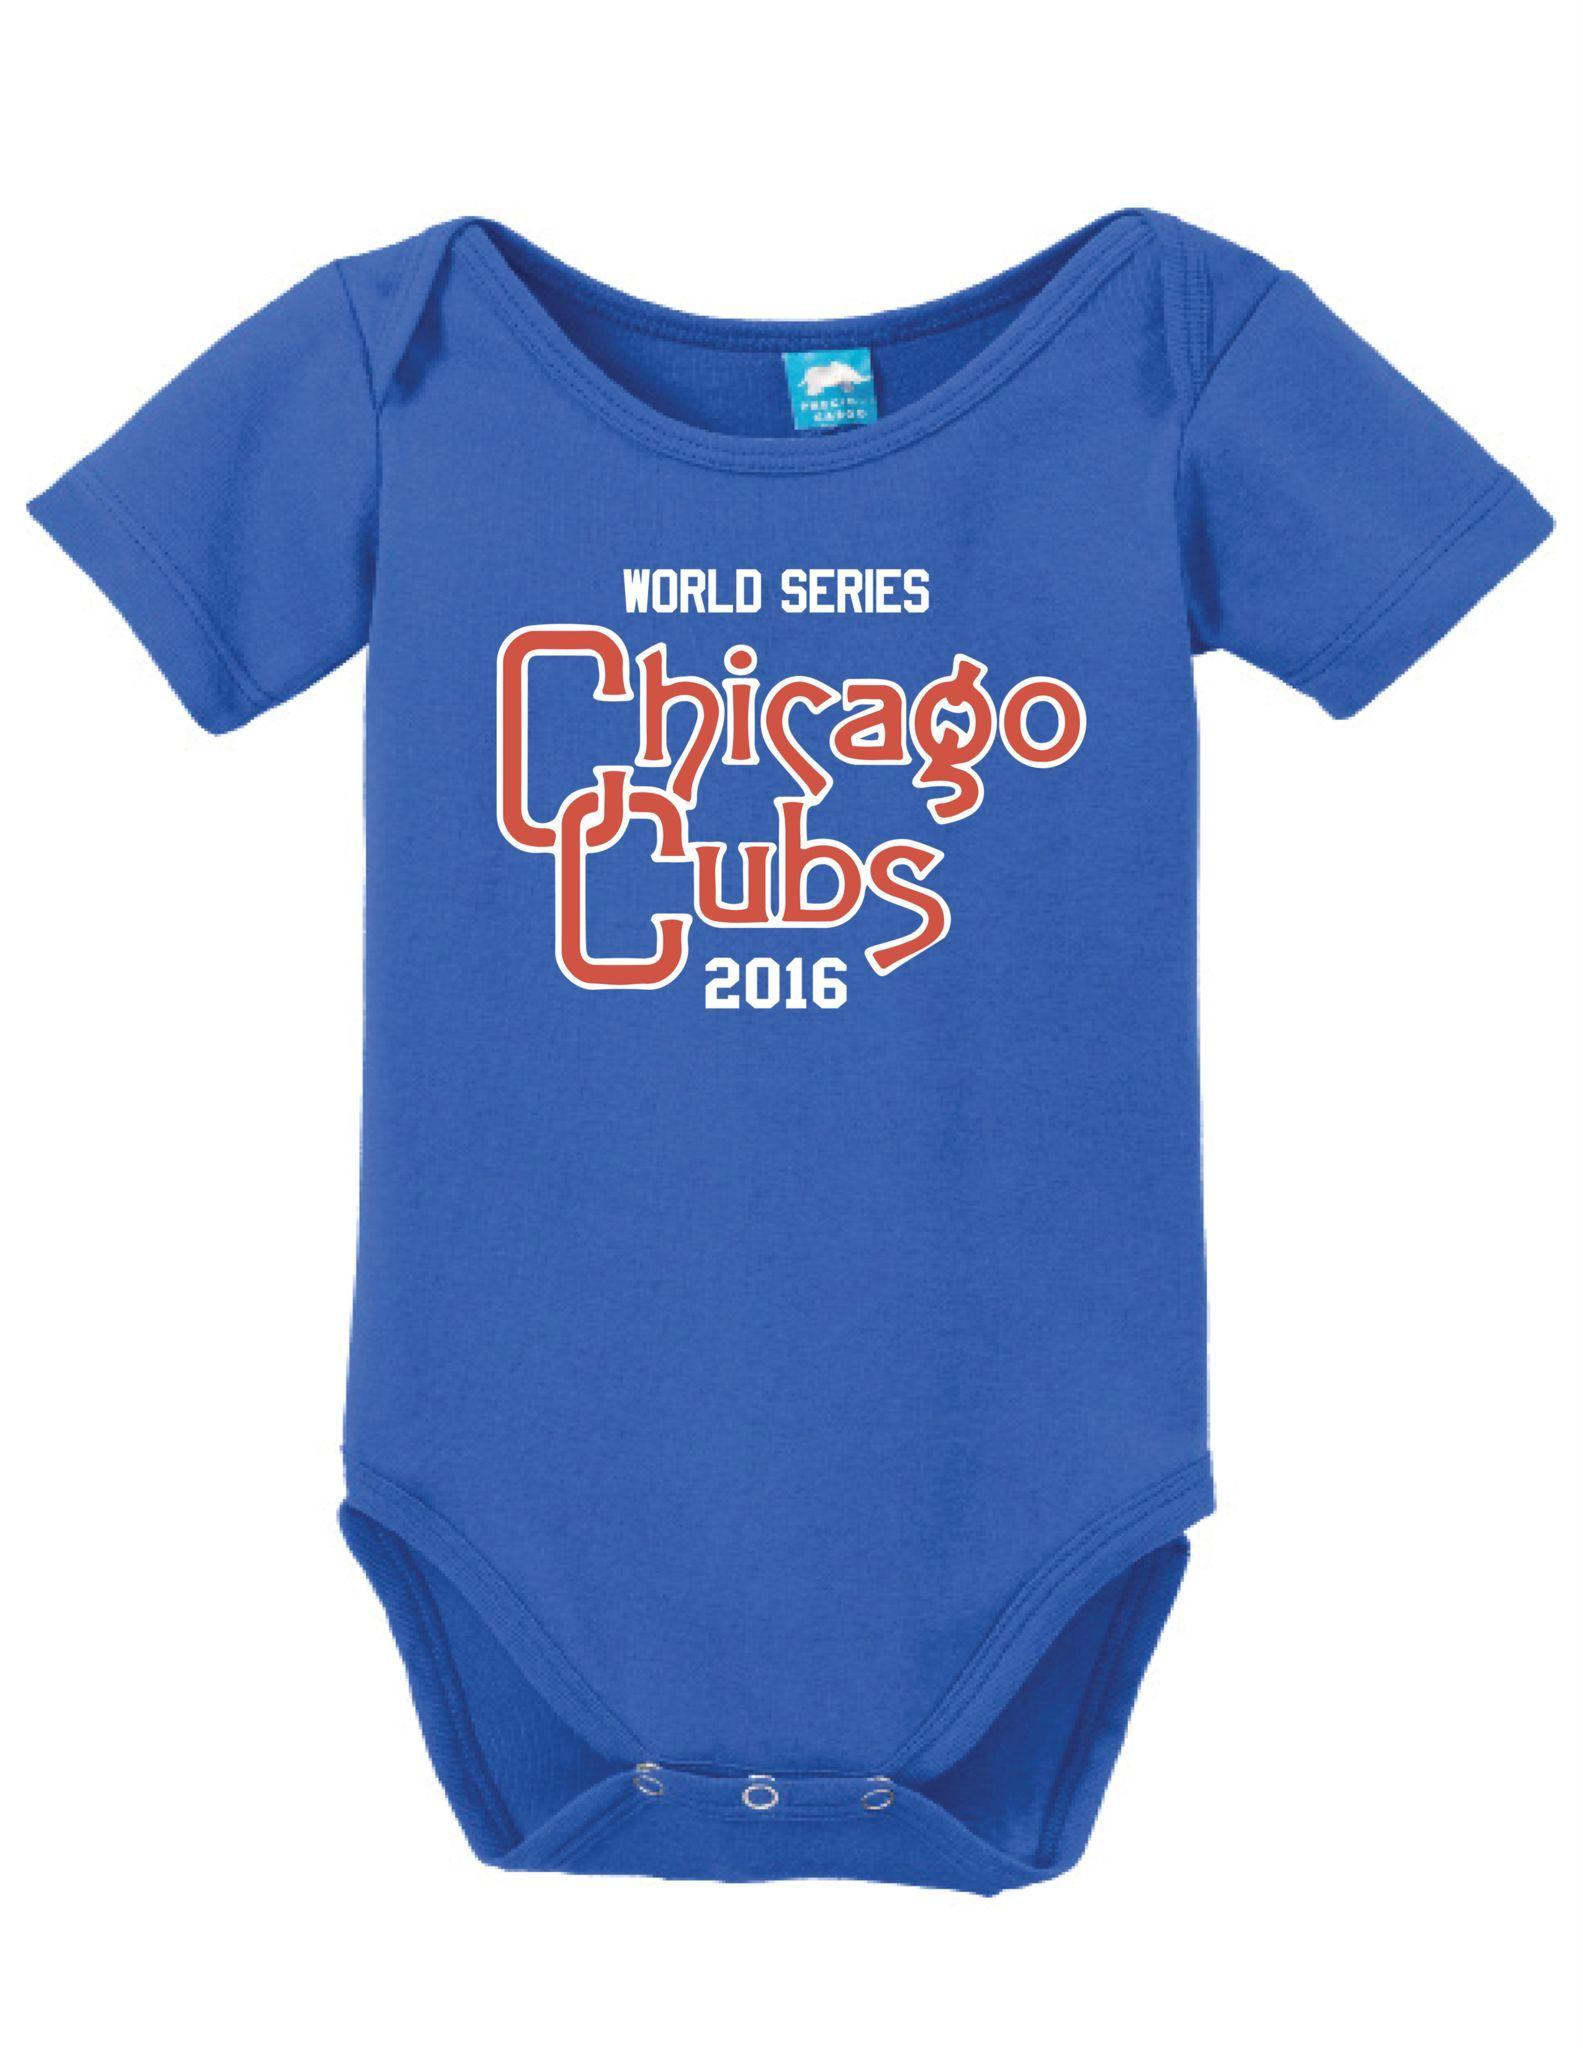 Vintage World Series Chicago Cubs 2016 Onesie